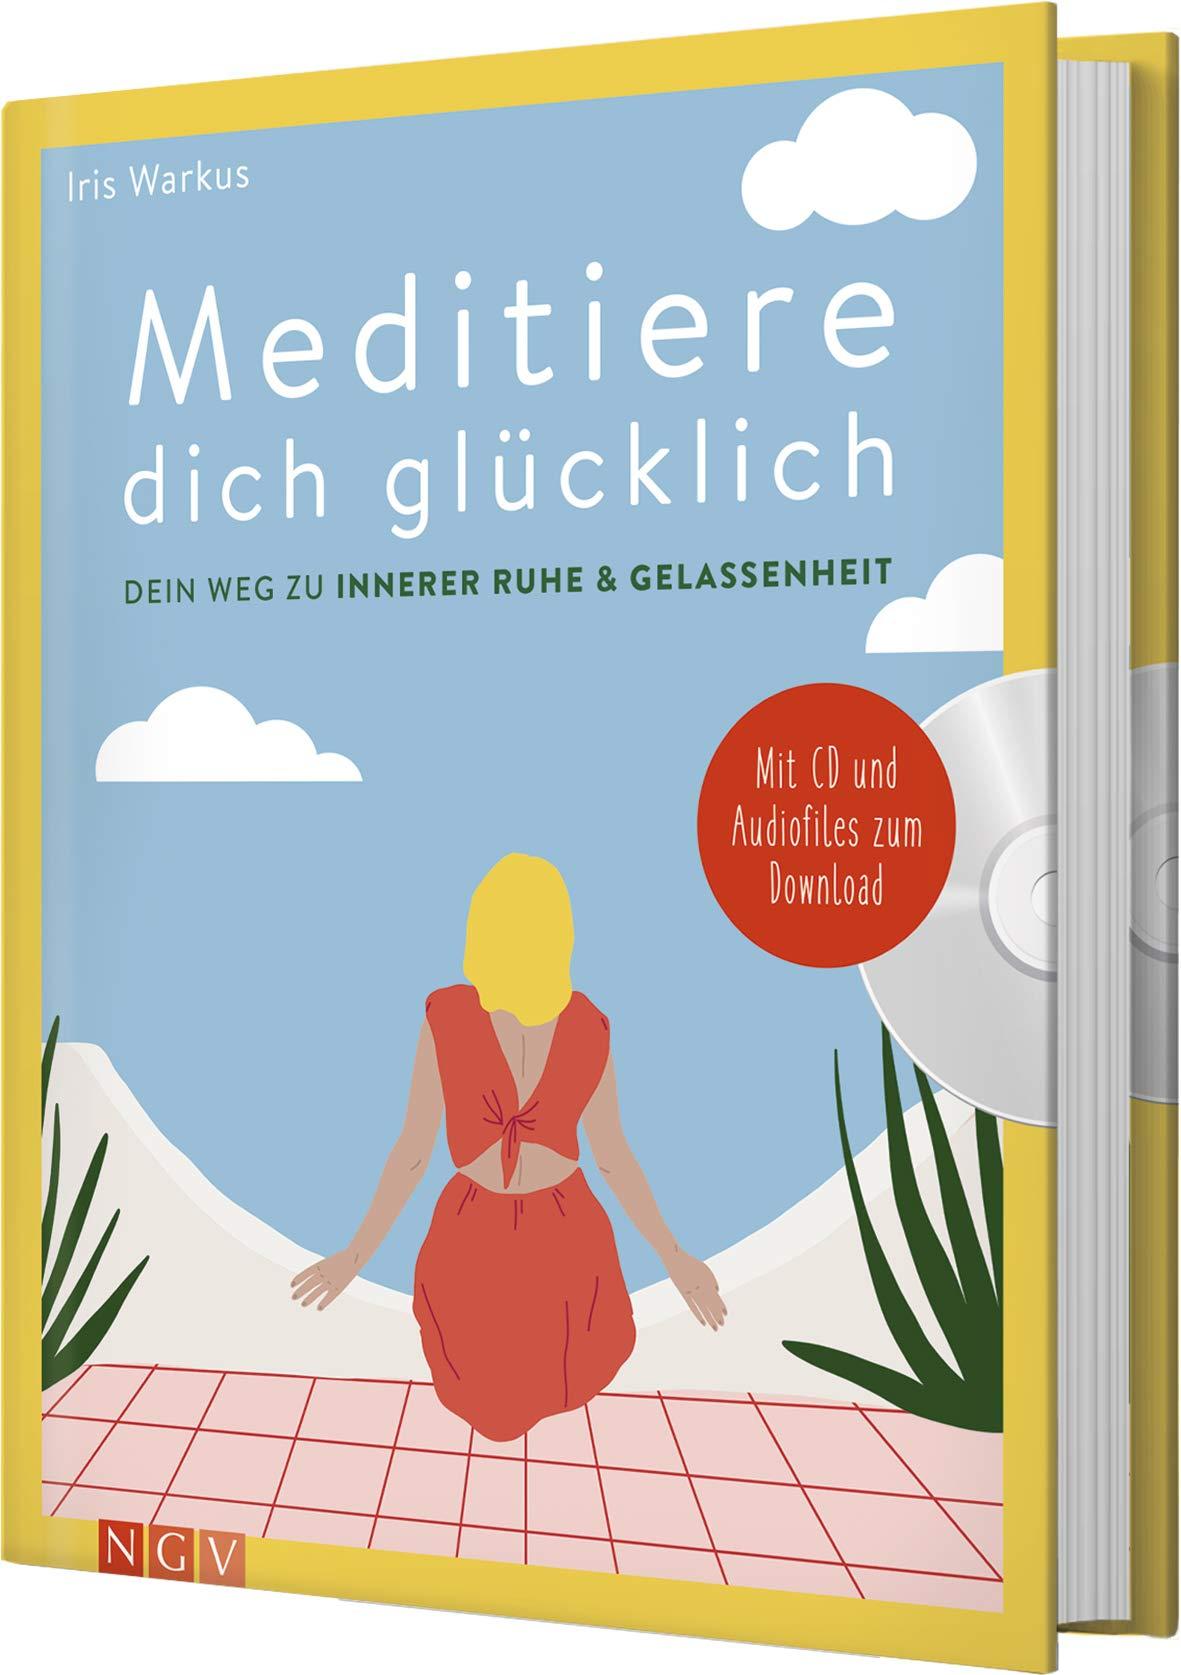 Meditiere Dich Glücklich  Dein Weg Zu Innerer Ruhe And Gelassenheit. Mit CD Und Audiofiles Zum Download